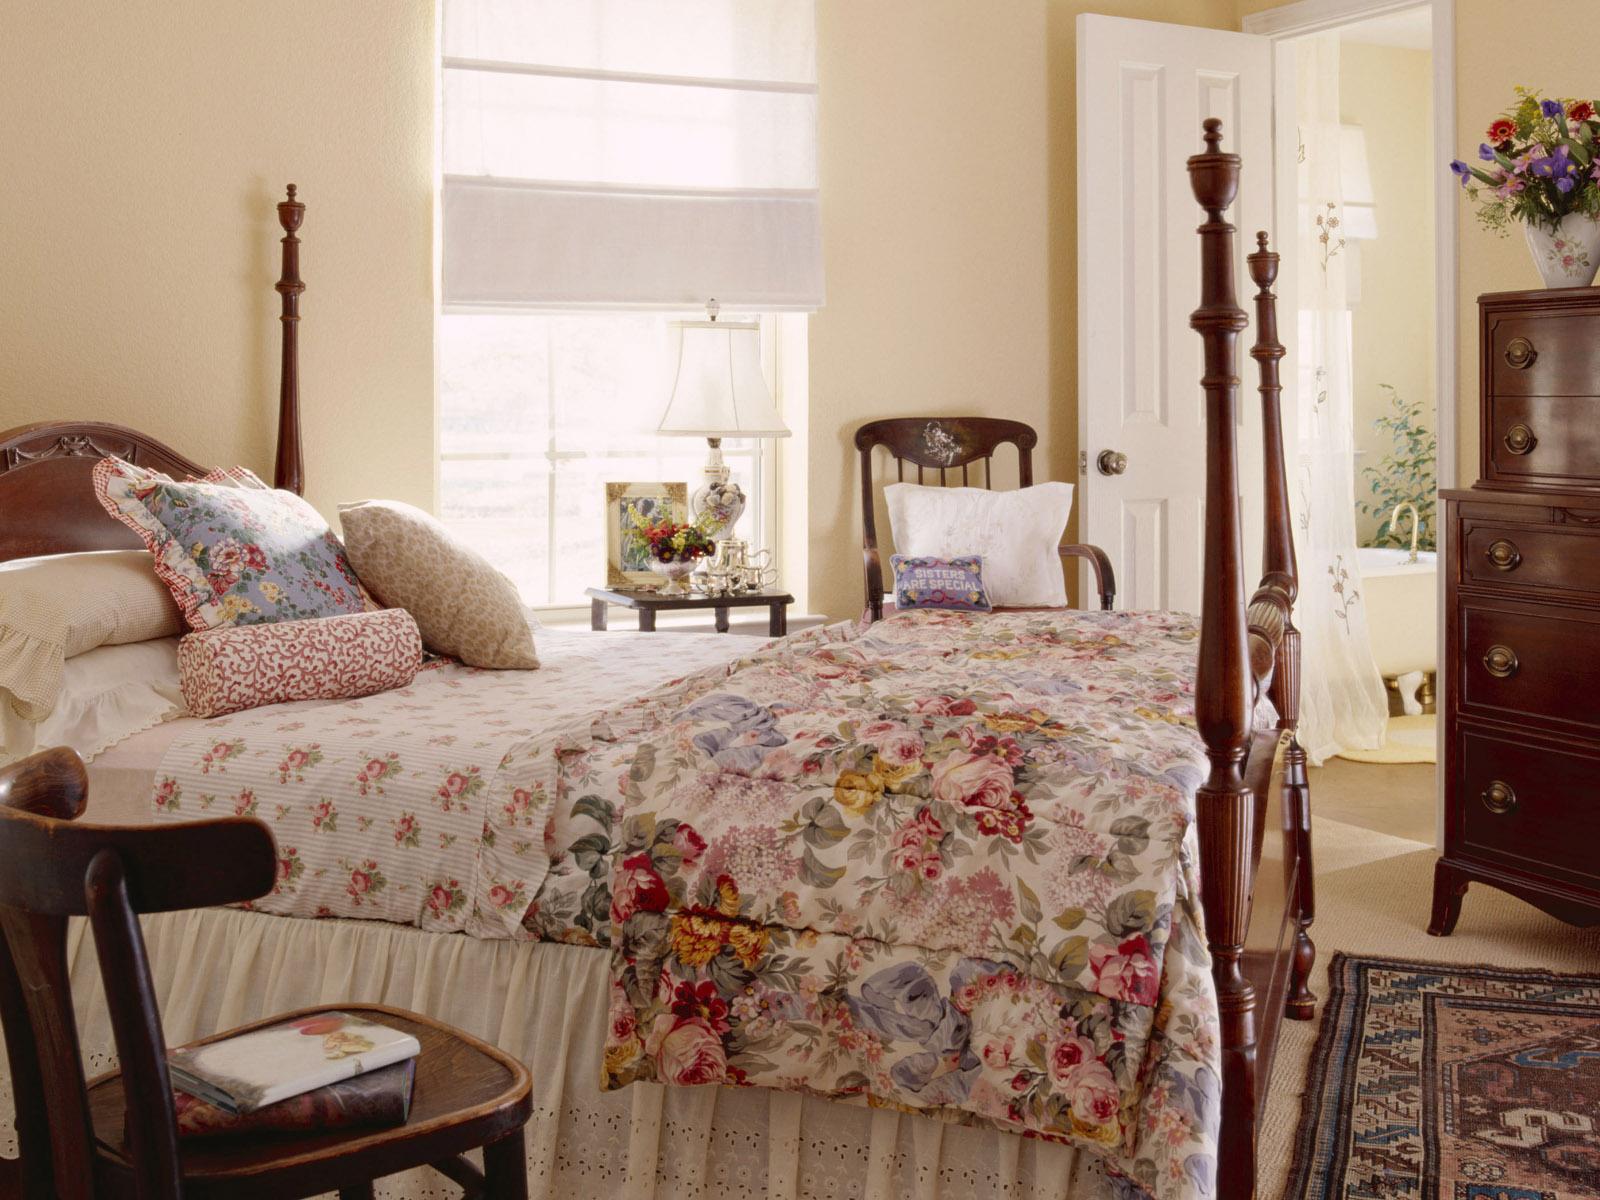 teen-girl-floral-bedsheet-decor teen girl floral bedsheet decor